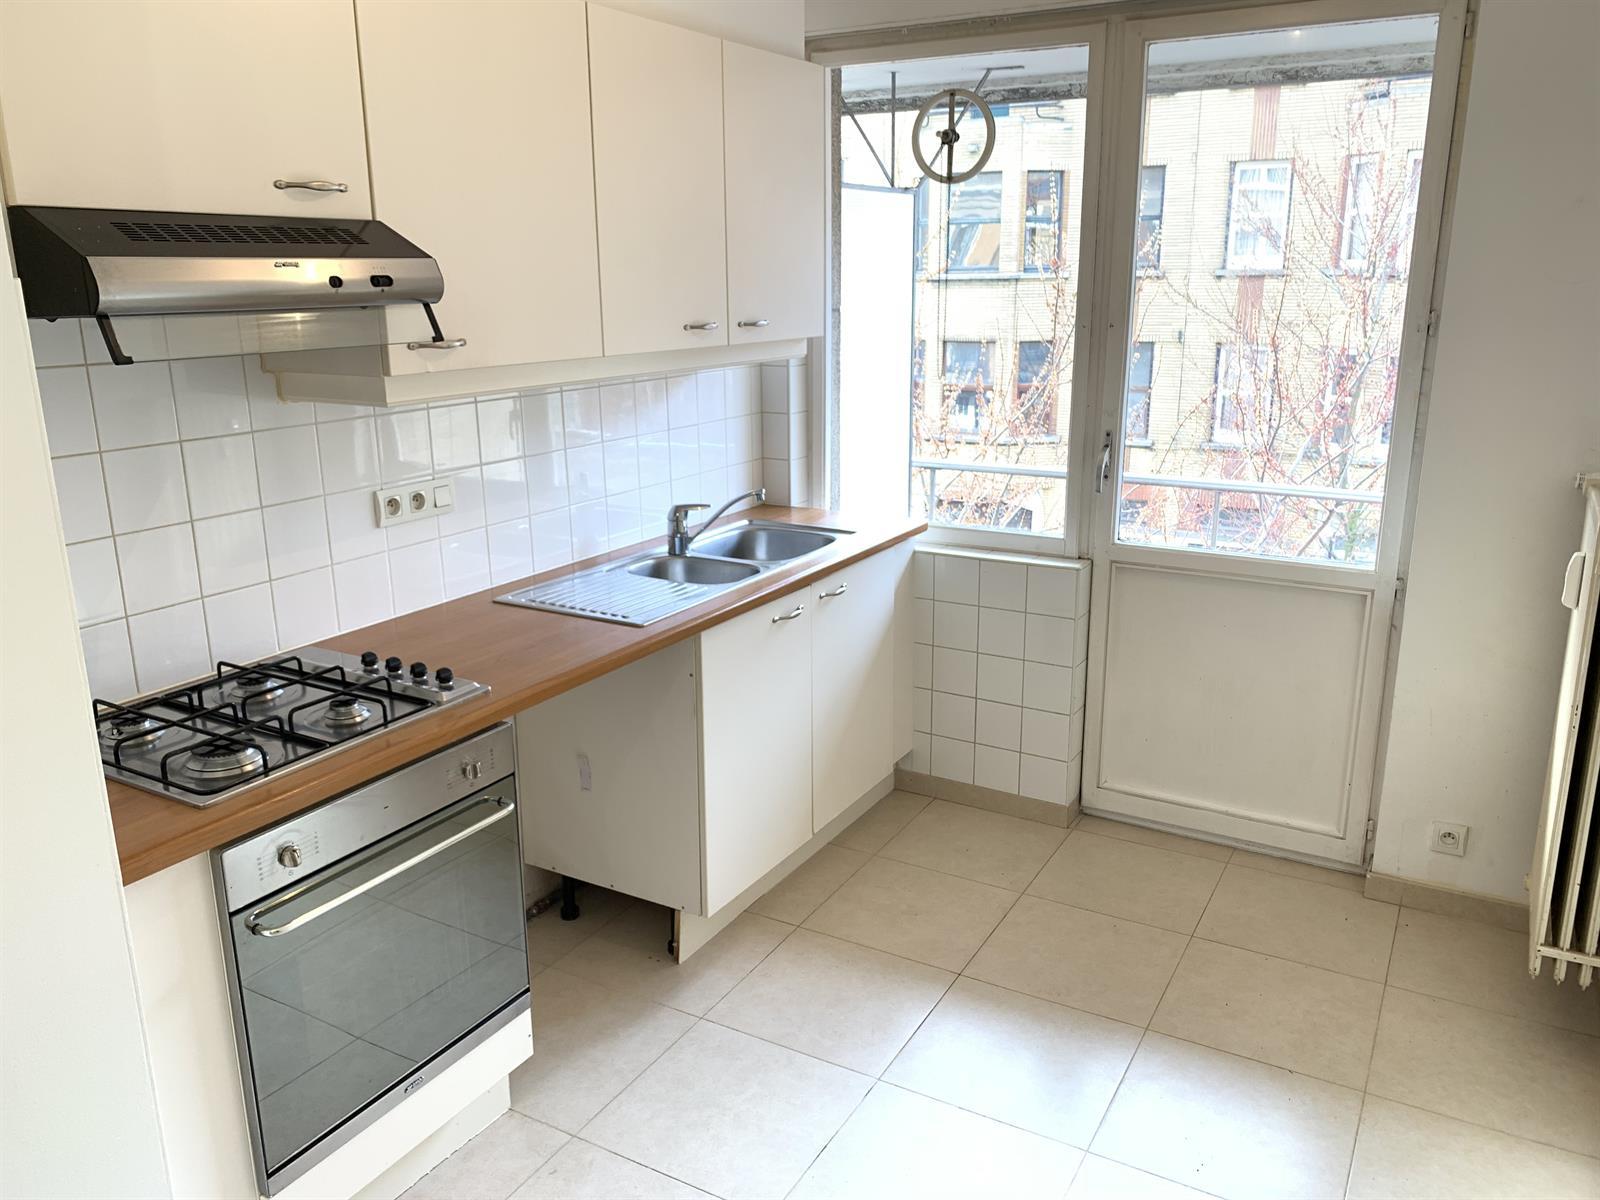 Appartement - Schaerbeek - #4148340-4